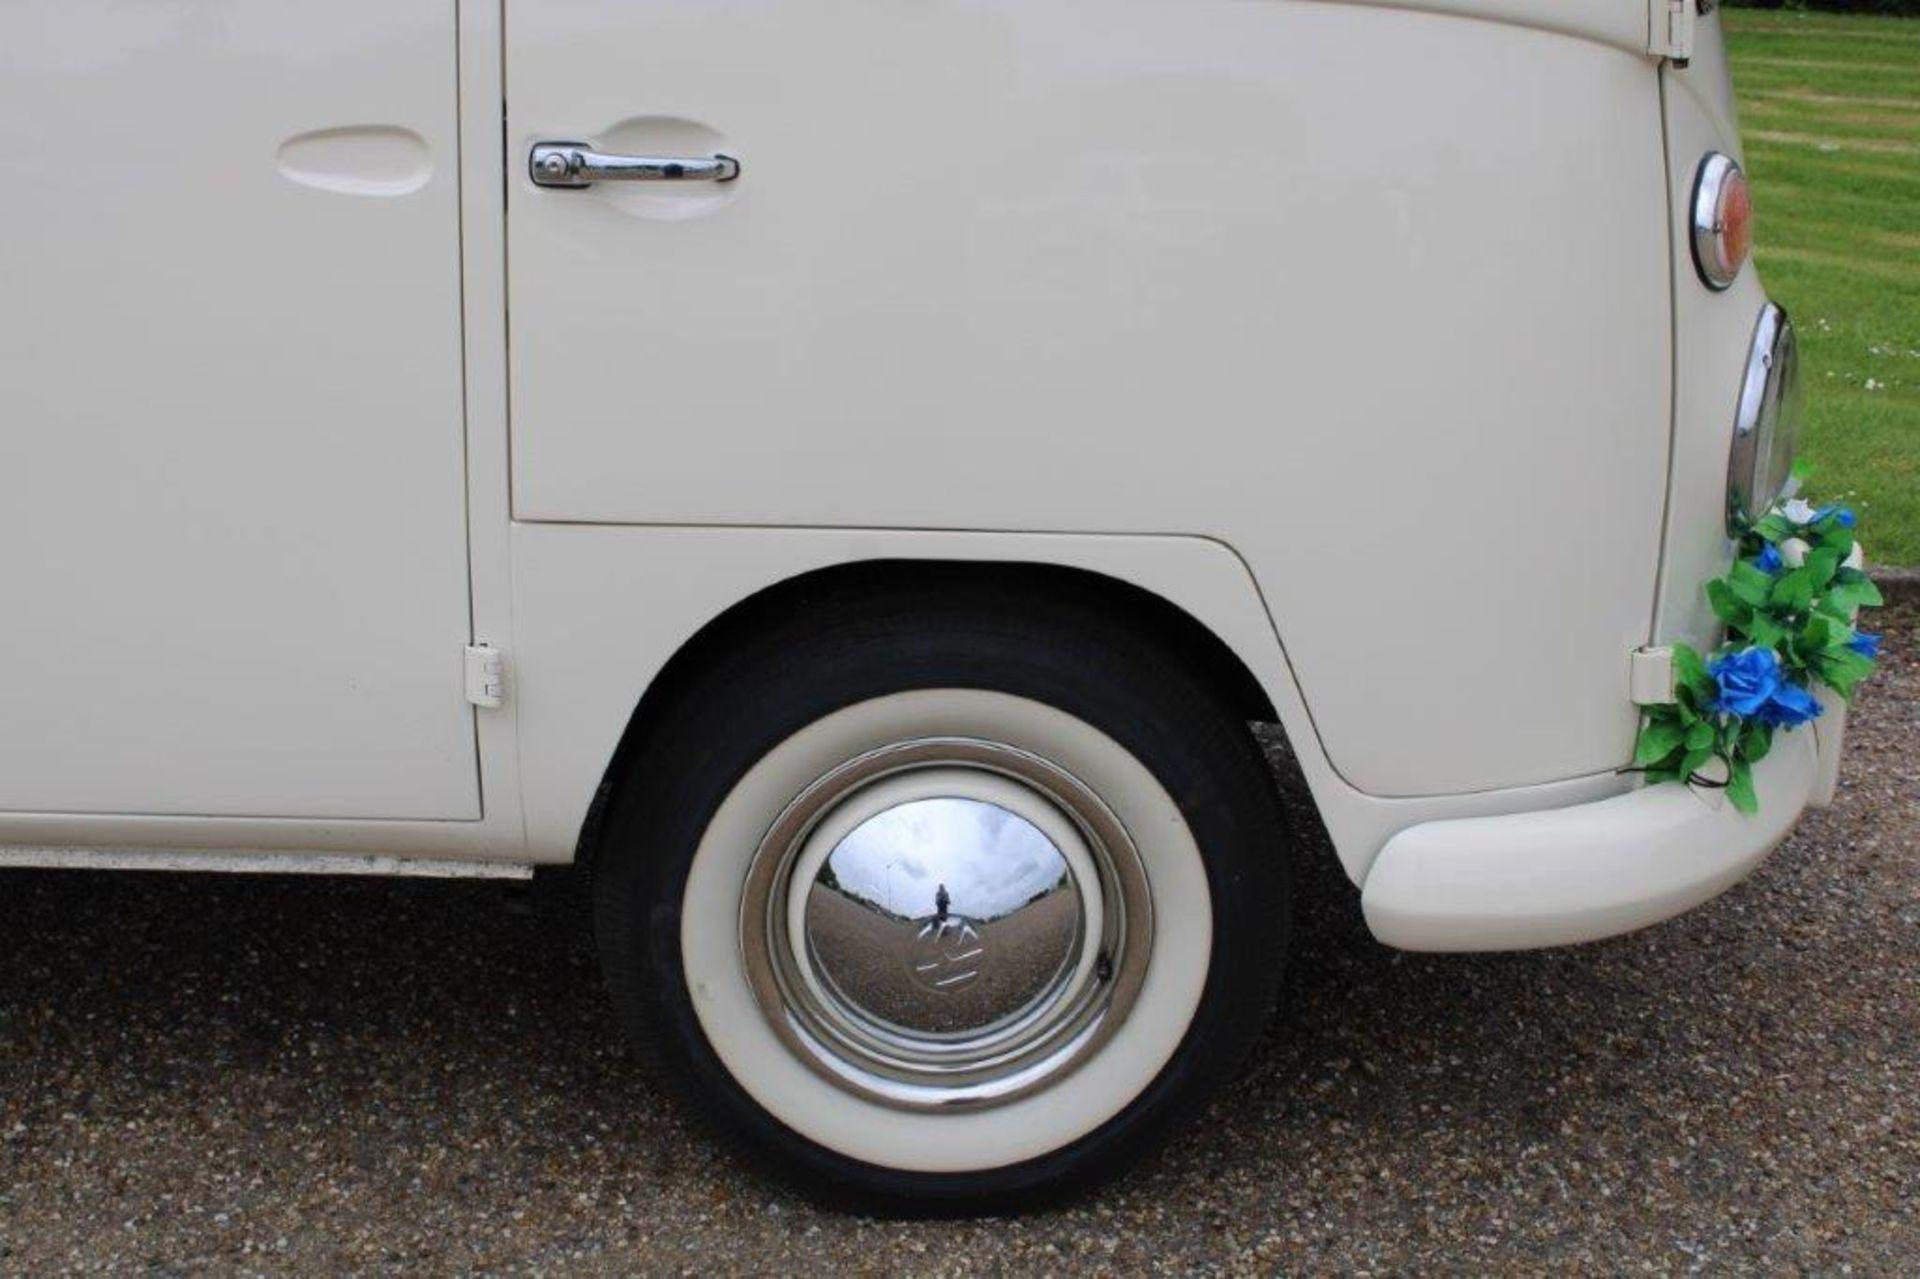 1966 Volkswagen Split Screen Camper LHD - Image 8 of 28